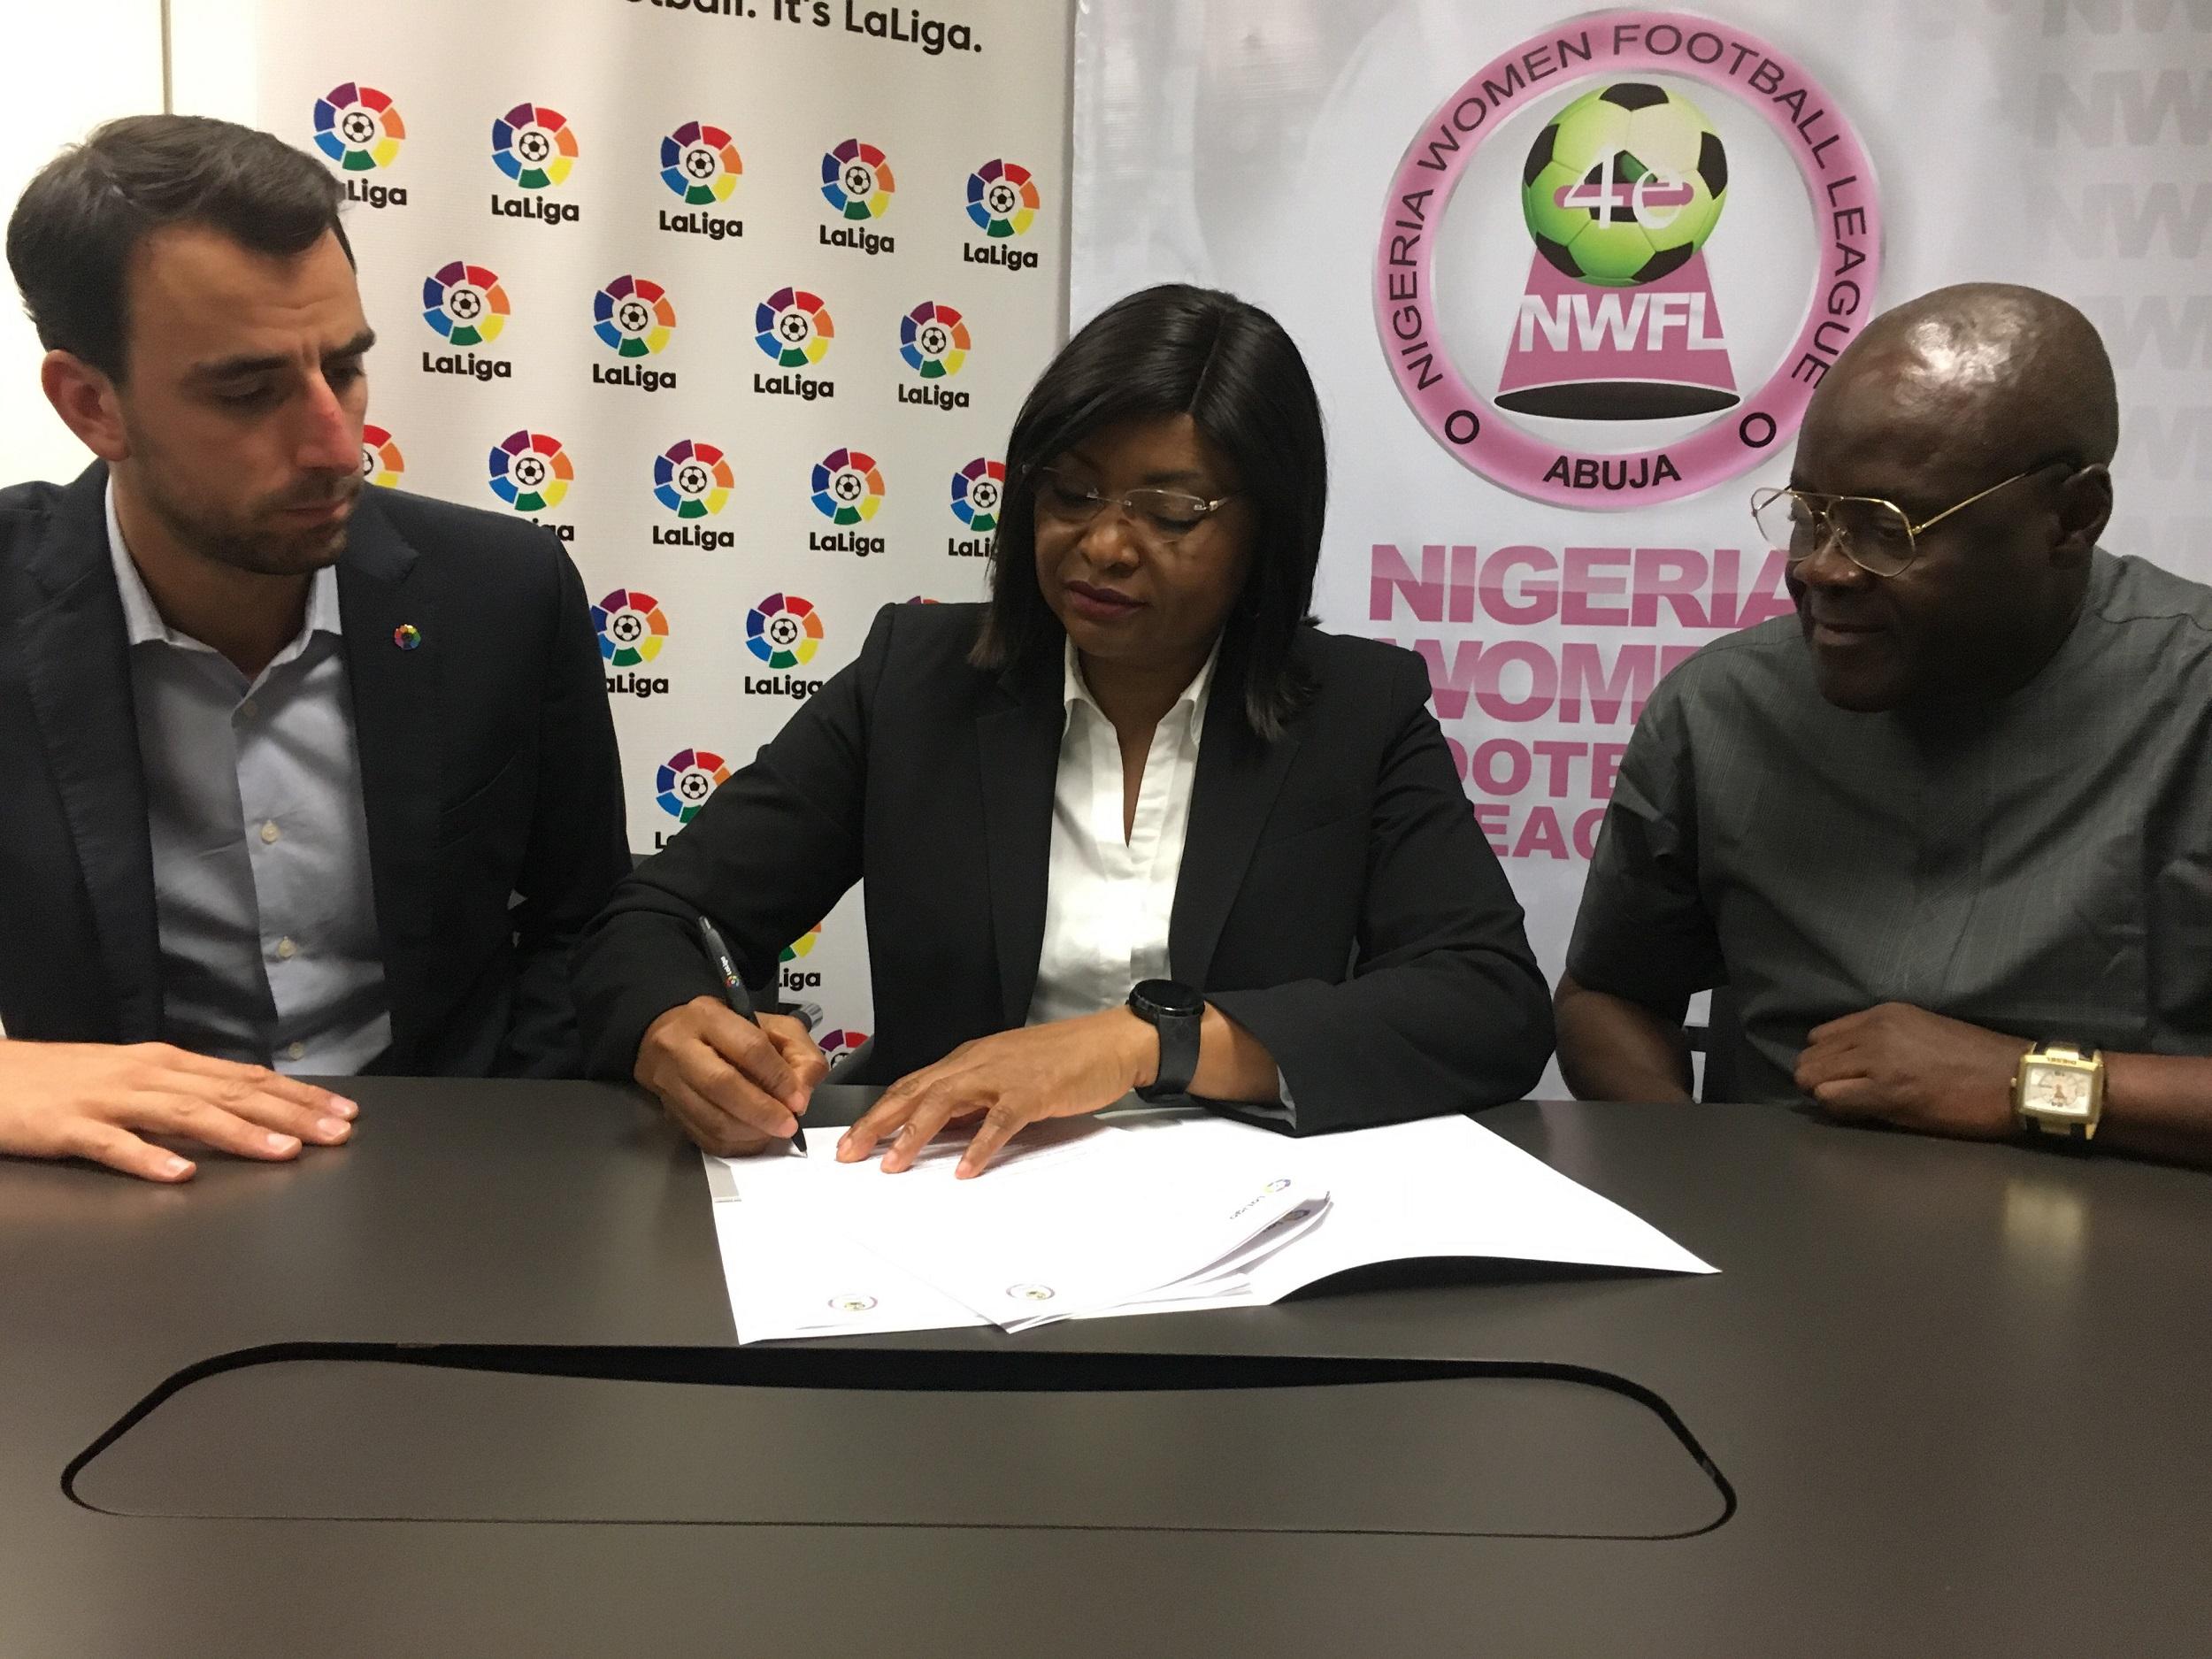 Firma del acuerdo entre LaLiga y la NWFL.